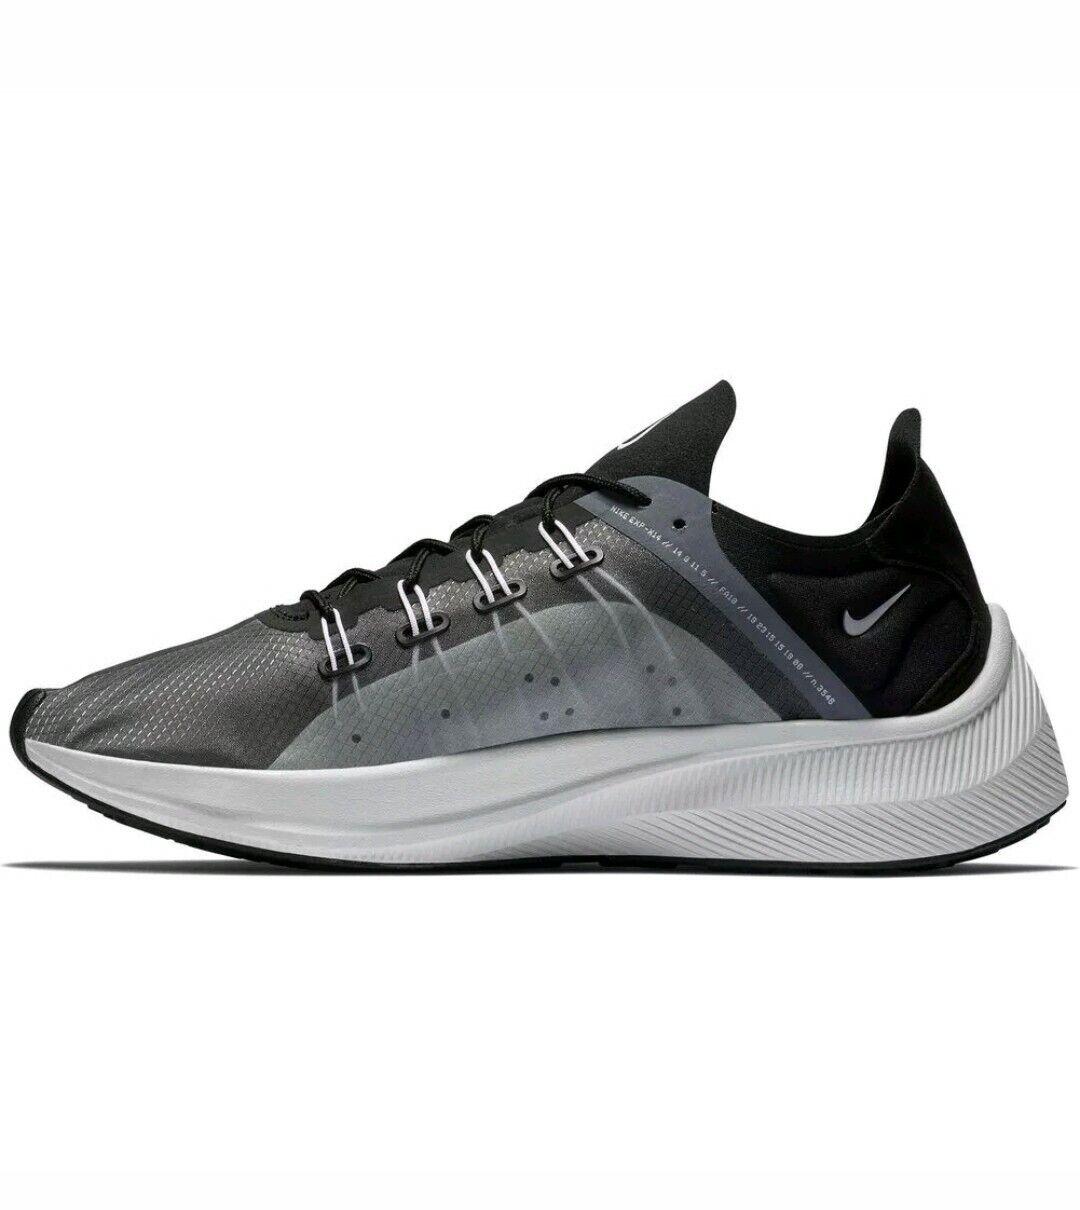 Nike EXP-X14 - AO1554 003